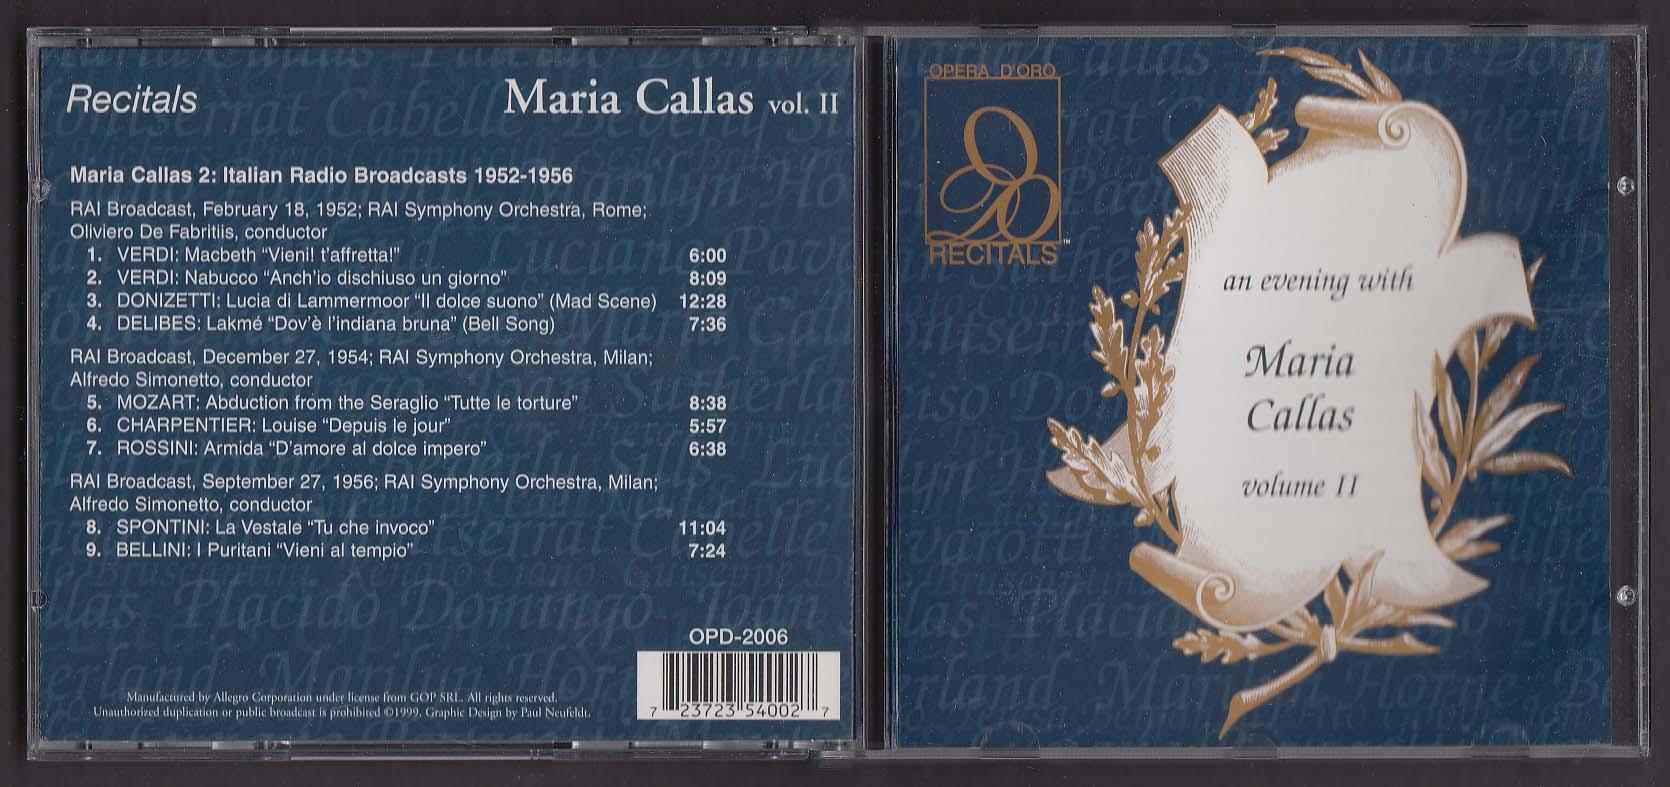 Image for Maria Callas Vol II OPD-2006 Opera D'Oro Recitals CD 1999